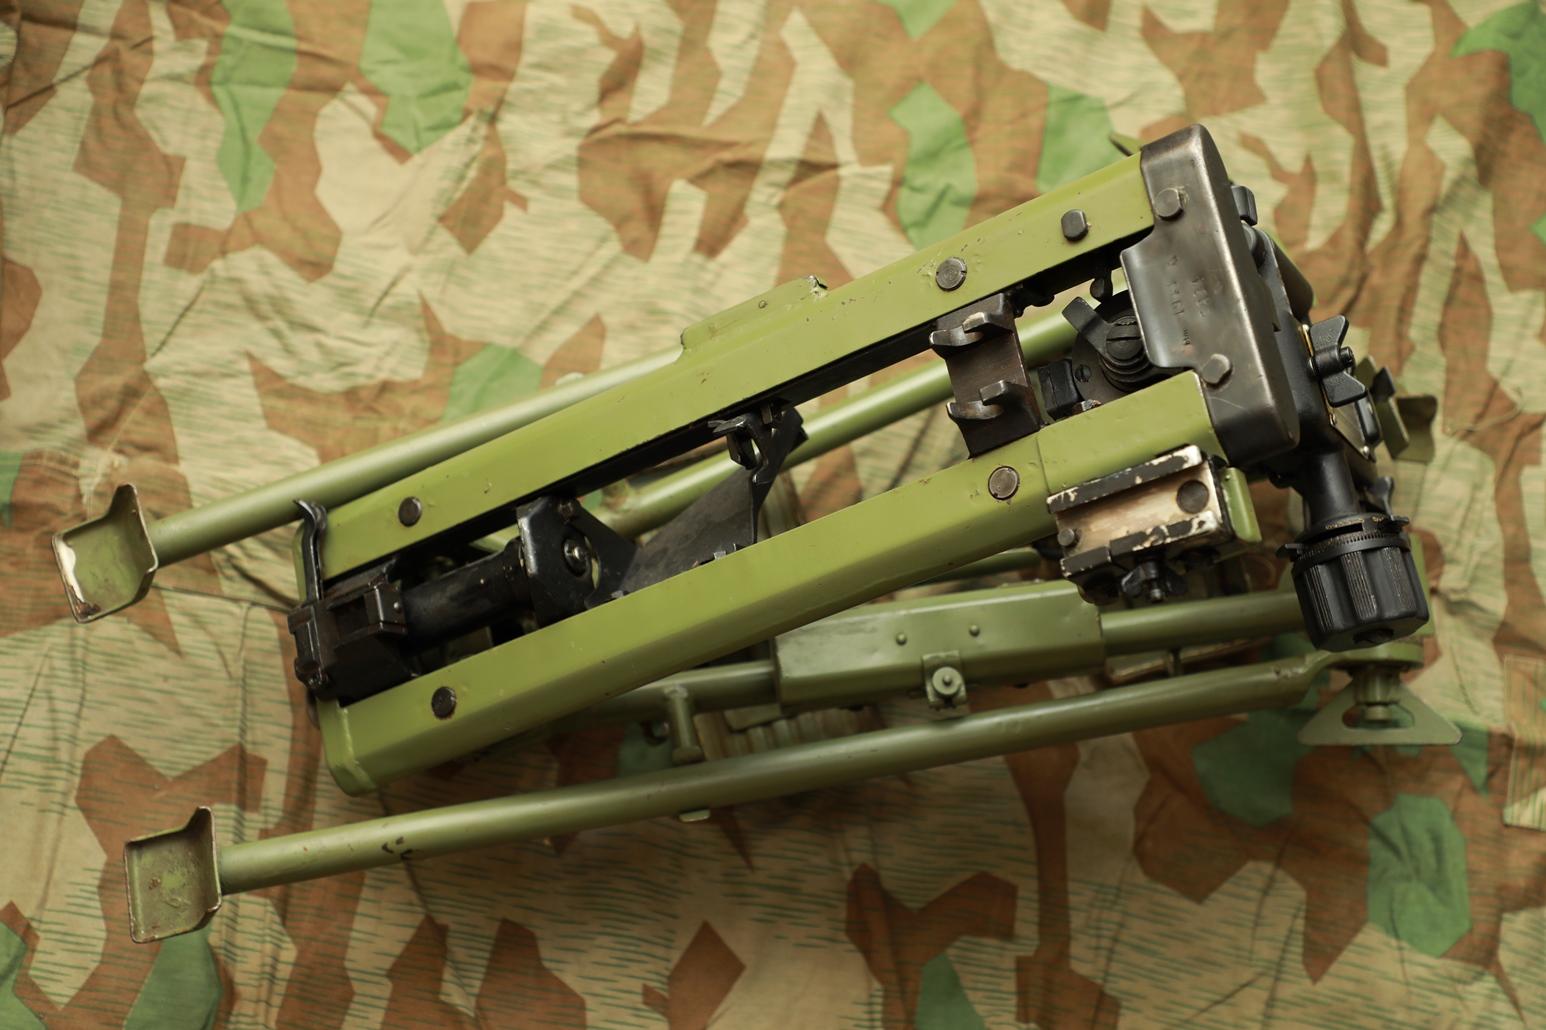 Фото Югославский станок MG 42/53, стилизация под MG.42